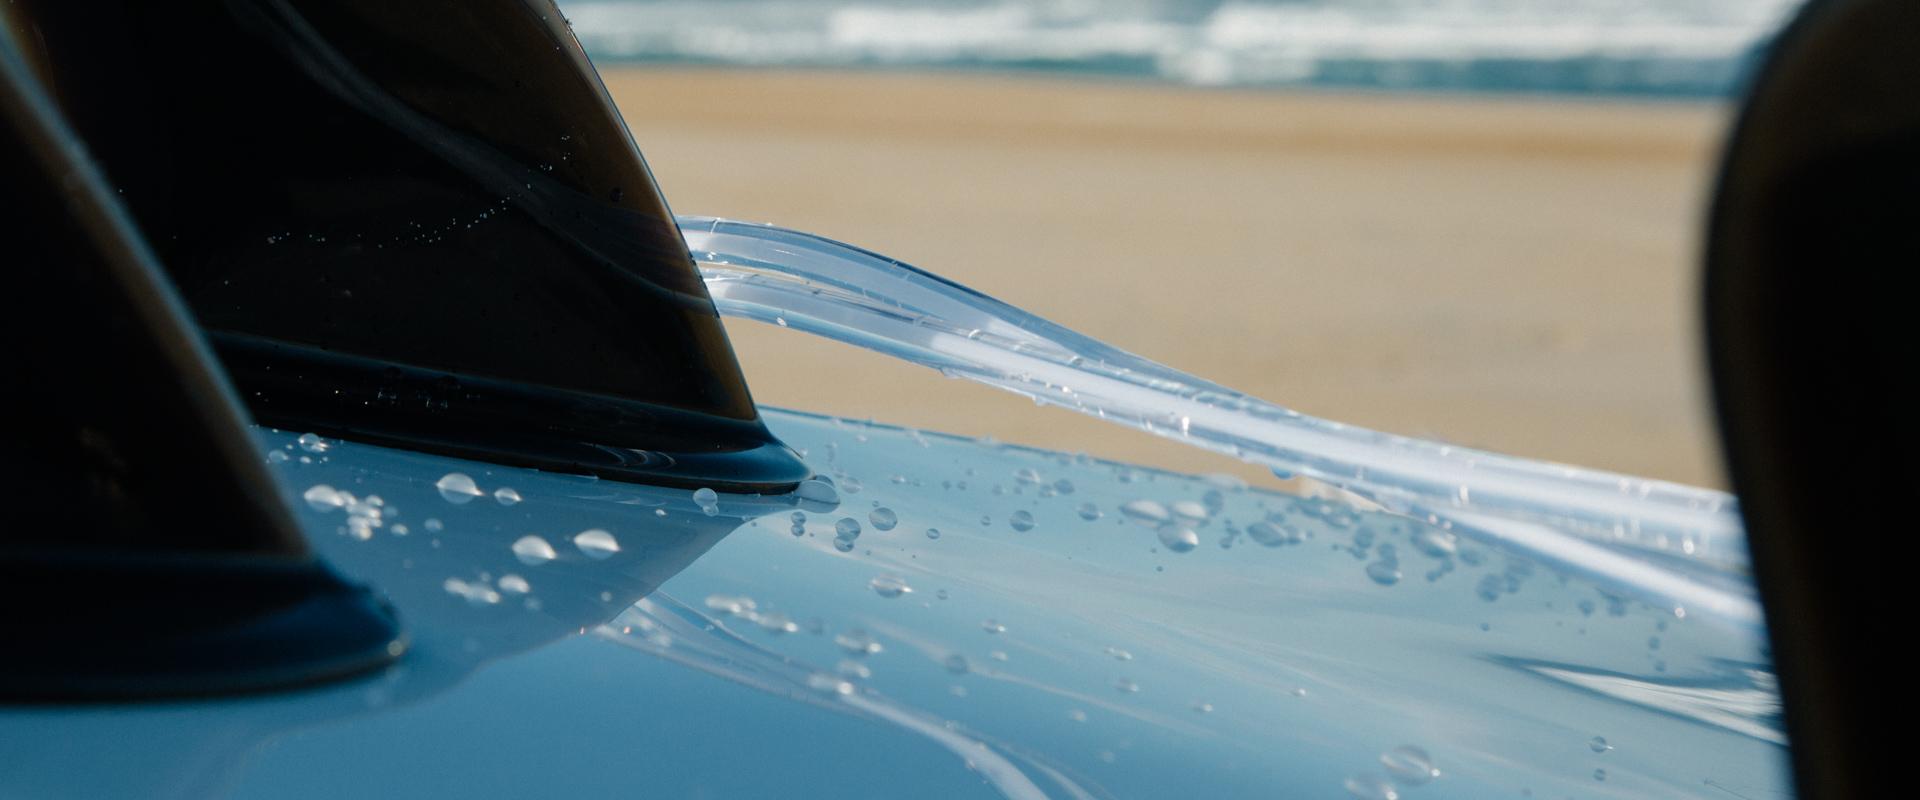 Surf Guides zoom sur une planche de surf à Hossegor Les Landes France